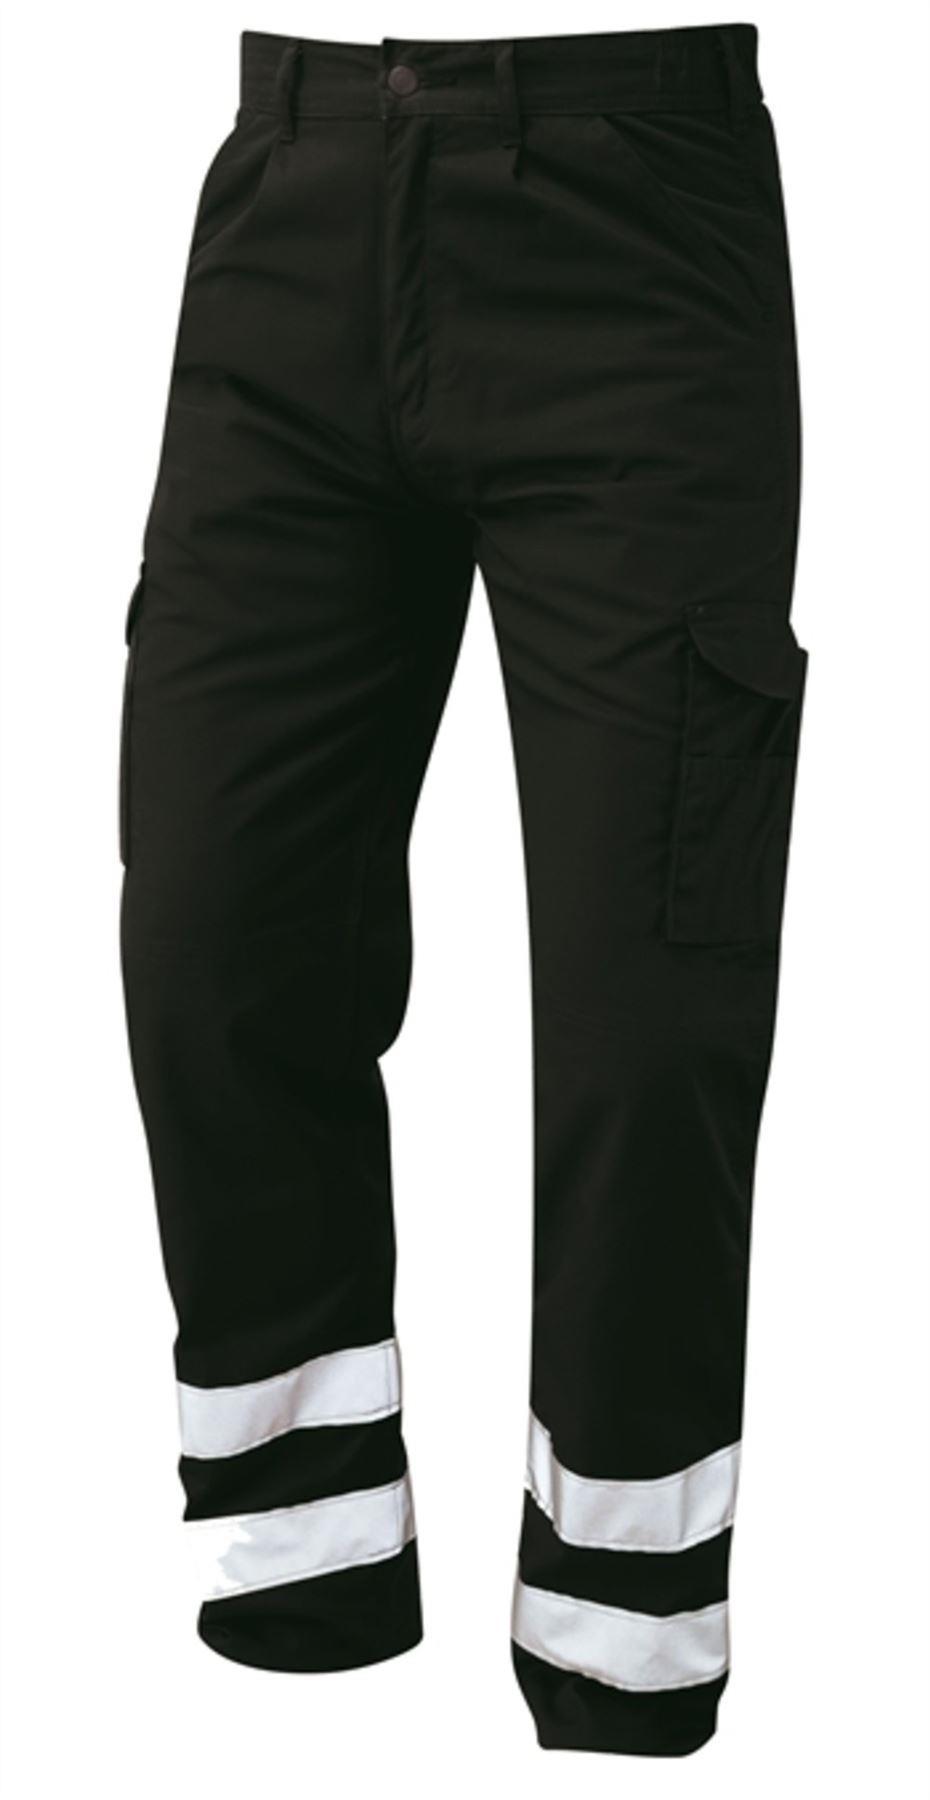 Orn Condor Hi Vis Kneepad Trousers - Black|42W29L